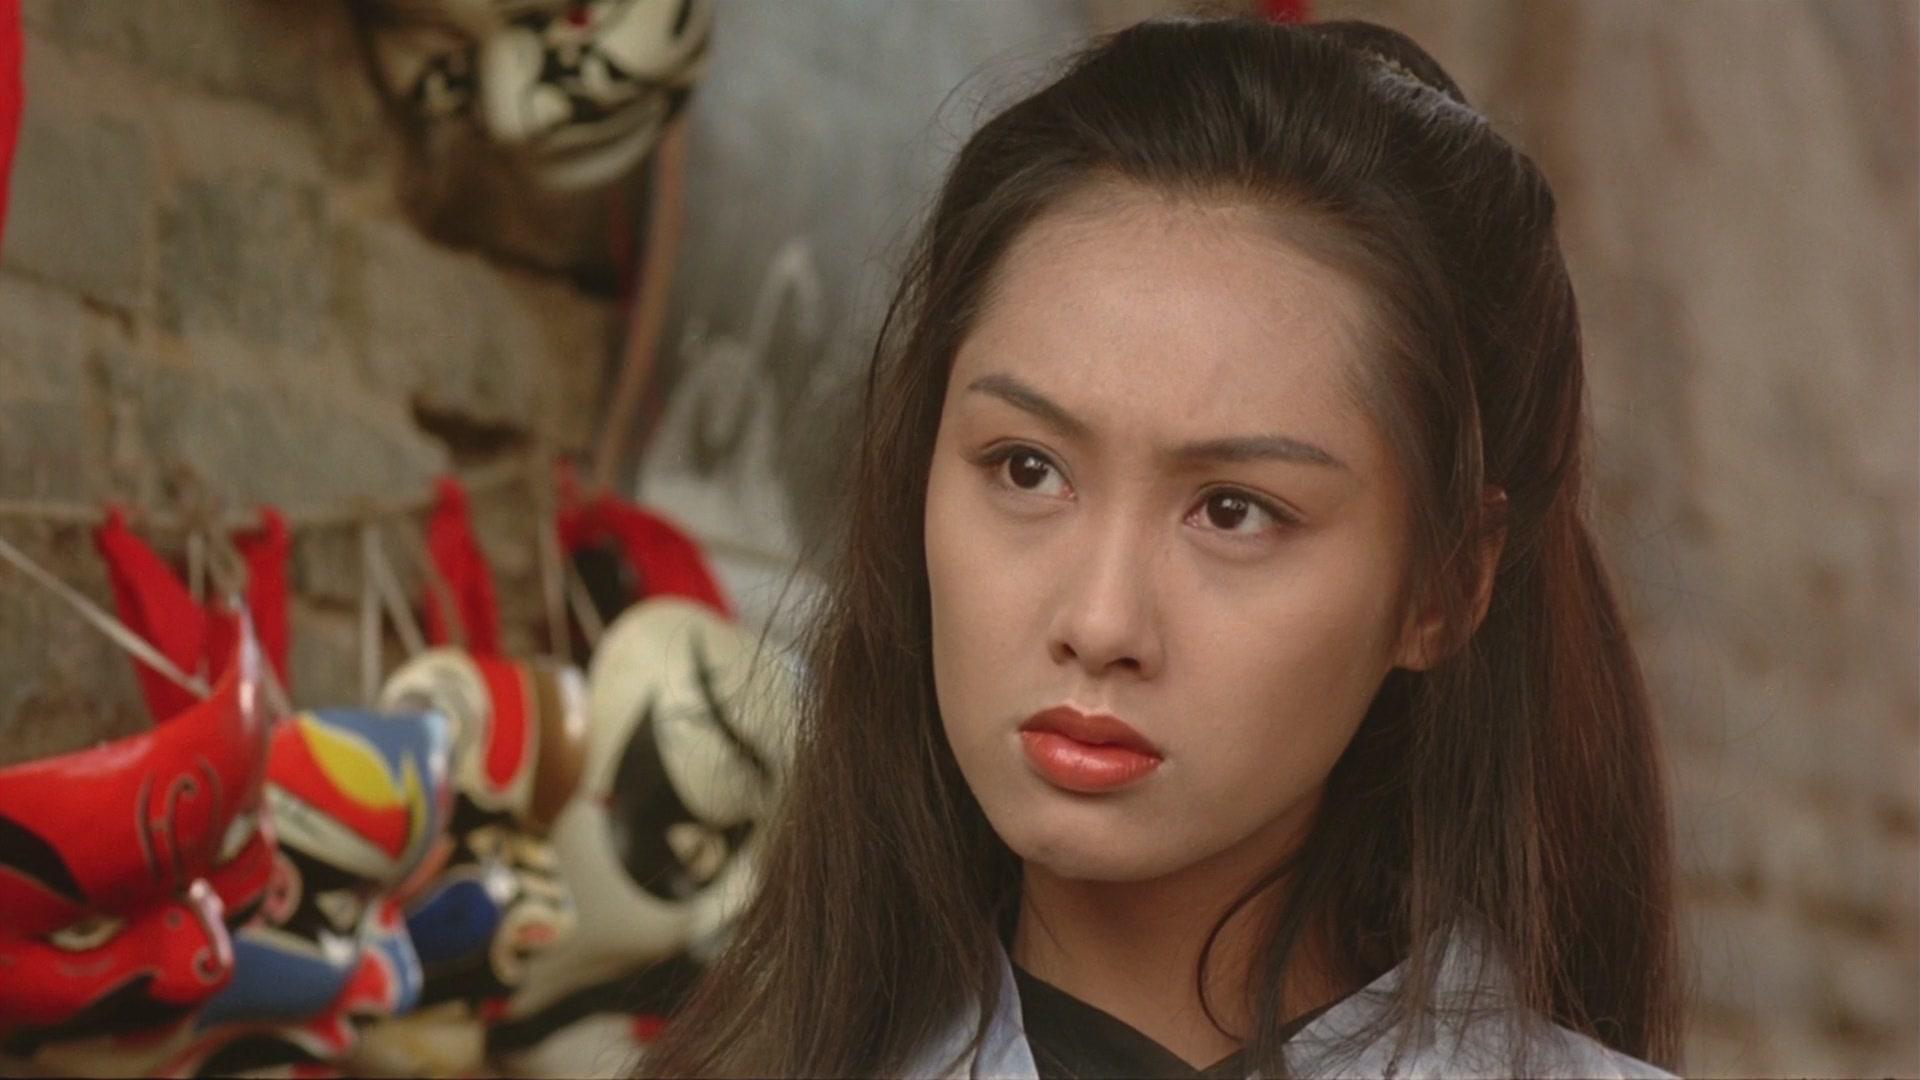 香港电影史上6大美女,演绎无法超越的美,你最喜欢哪位卡通美女唯美图片